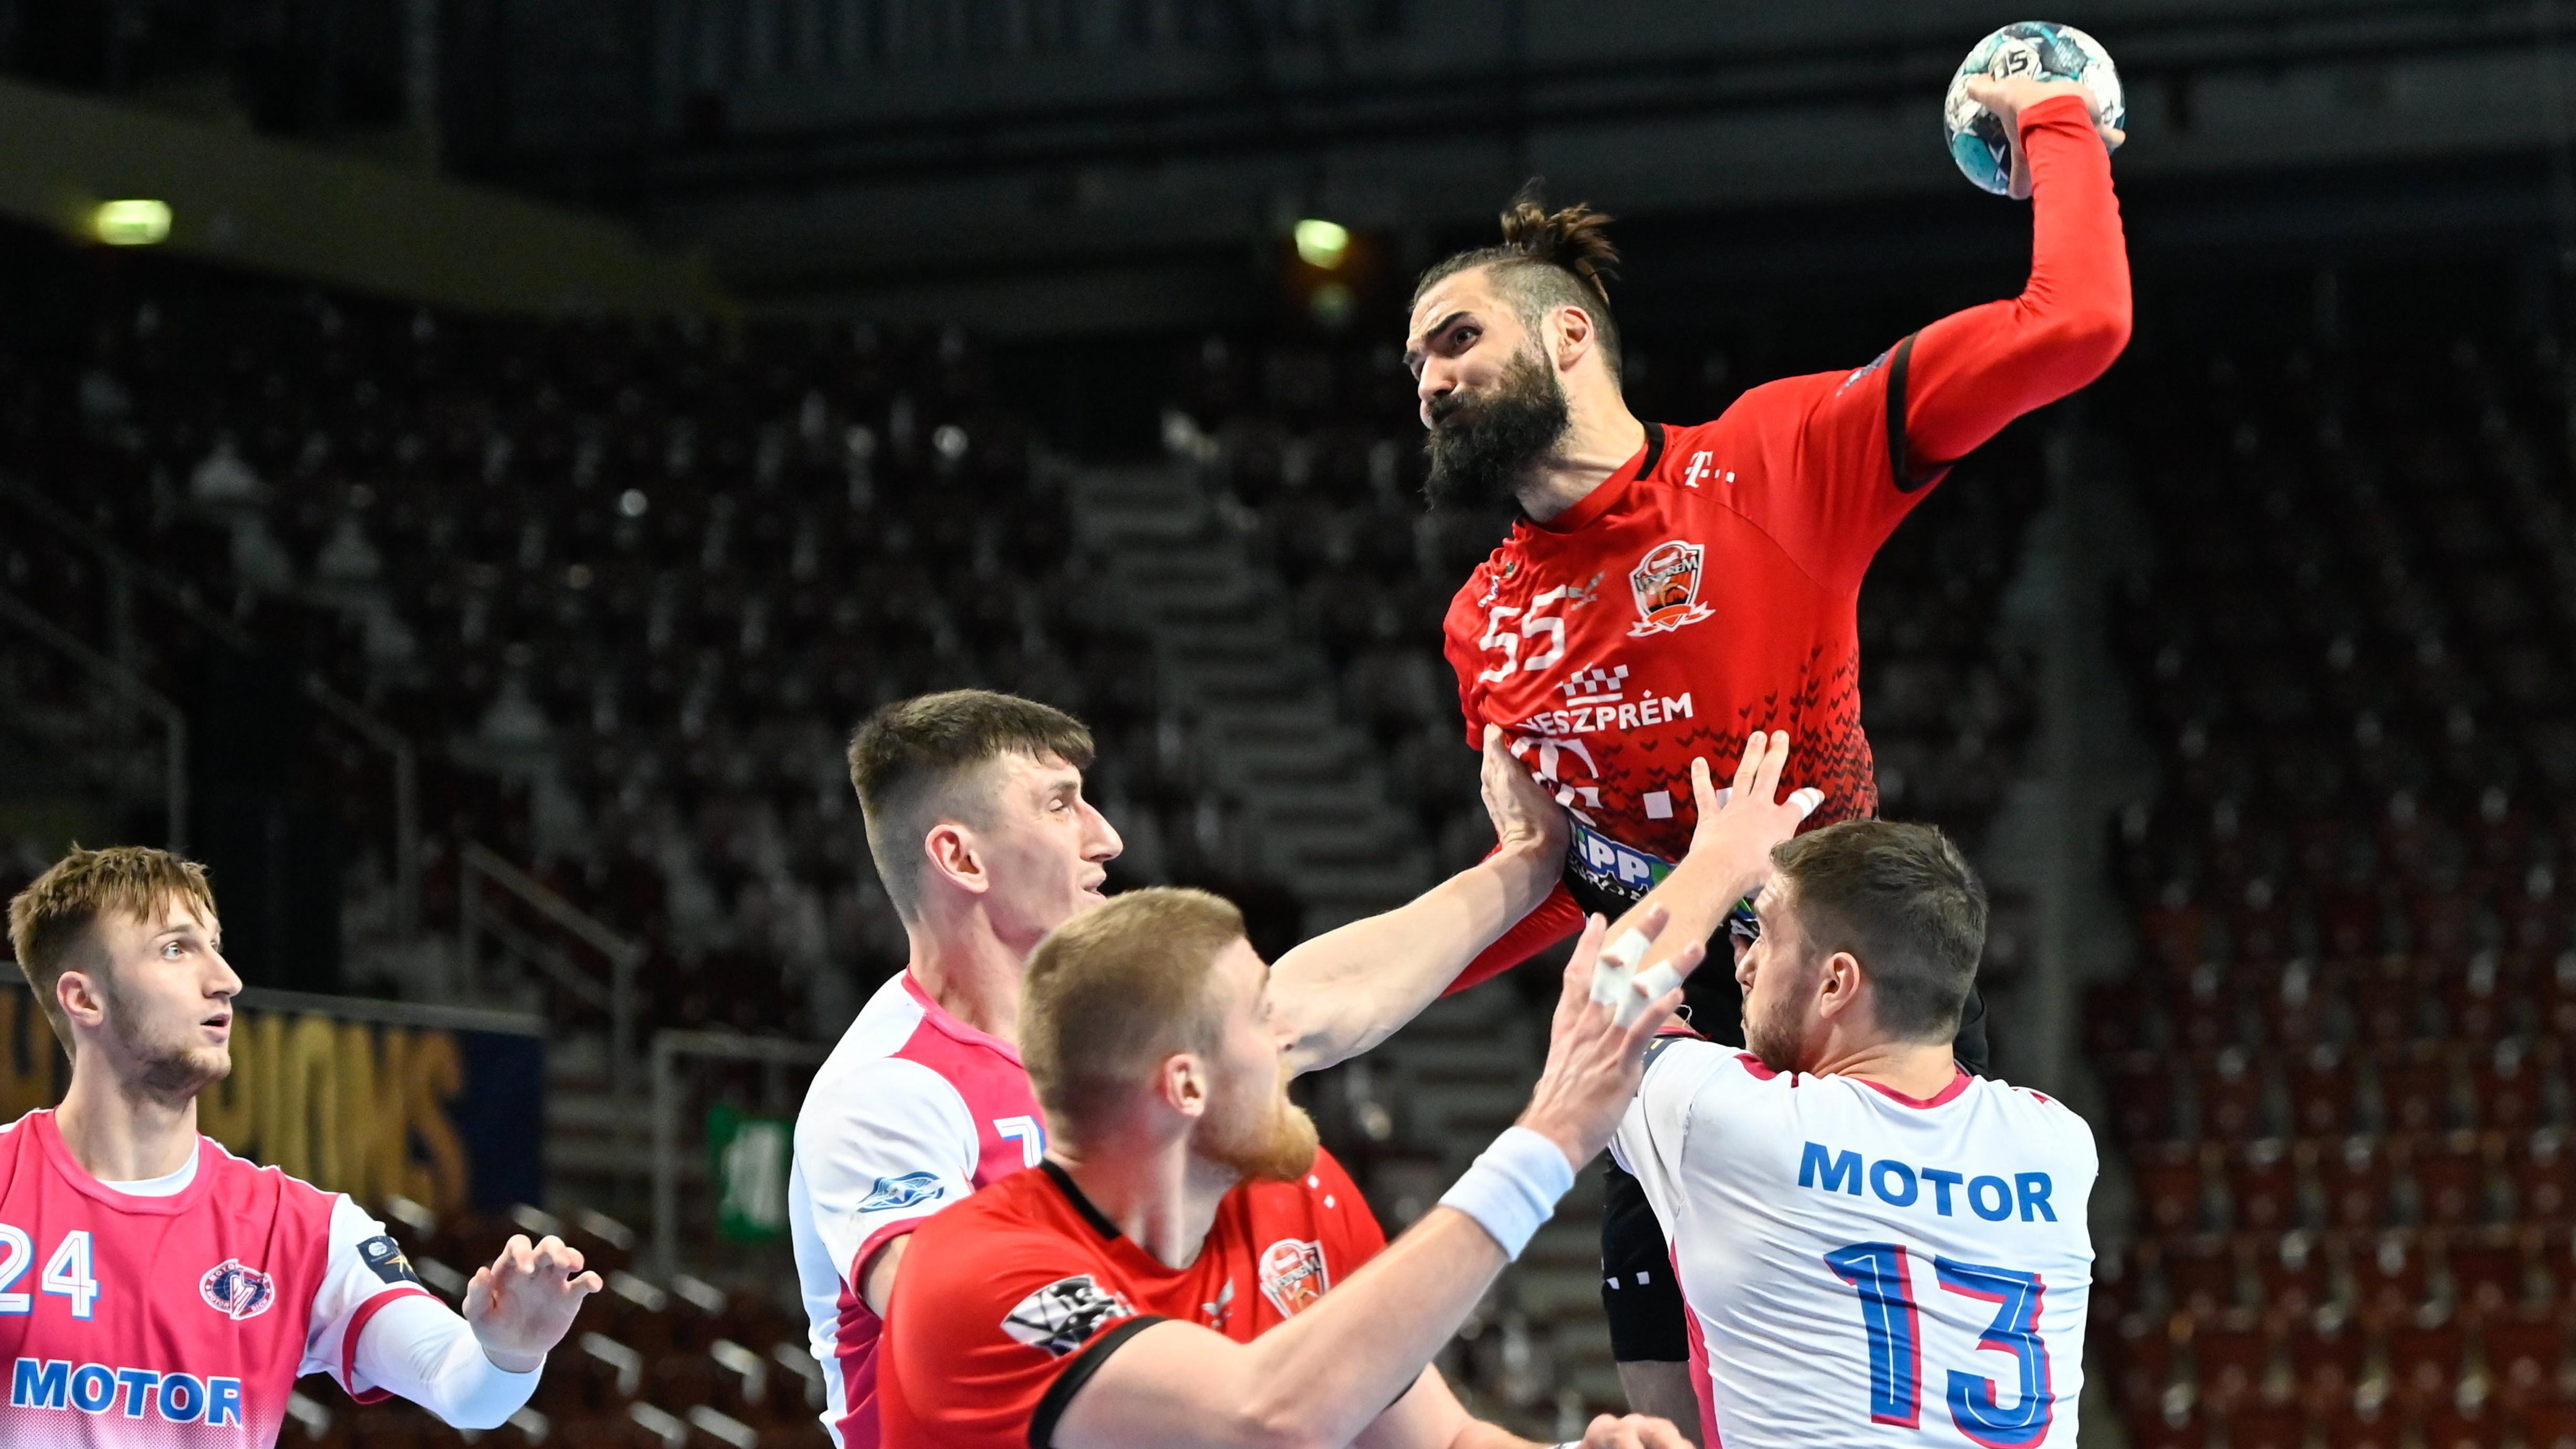 Férfi kézilabda BL - A Veszprém négy góllal legyőzte az ukrán bajnokot